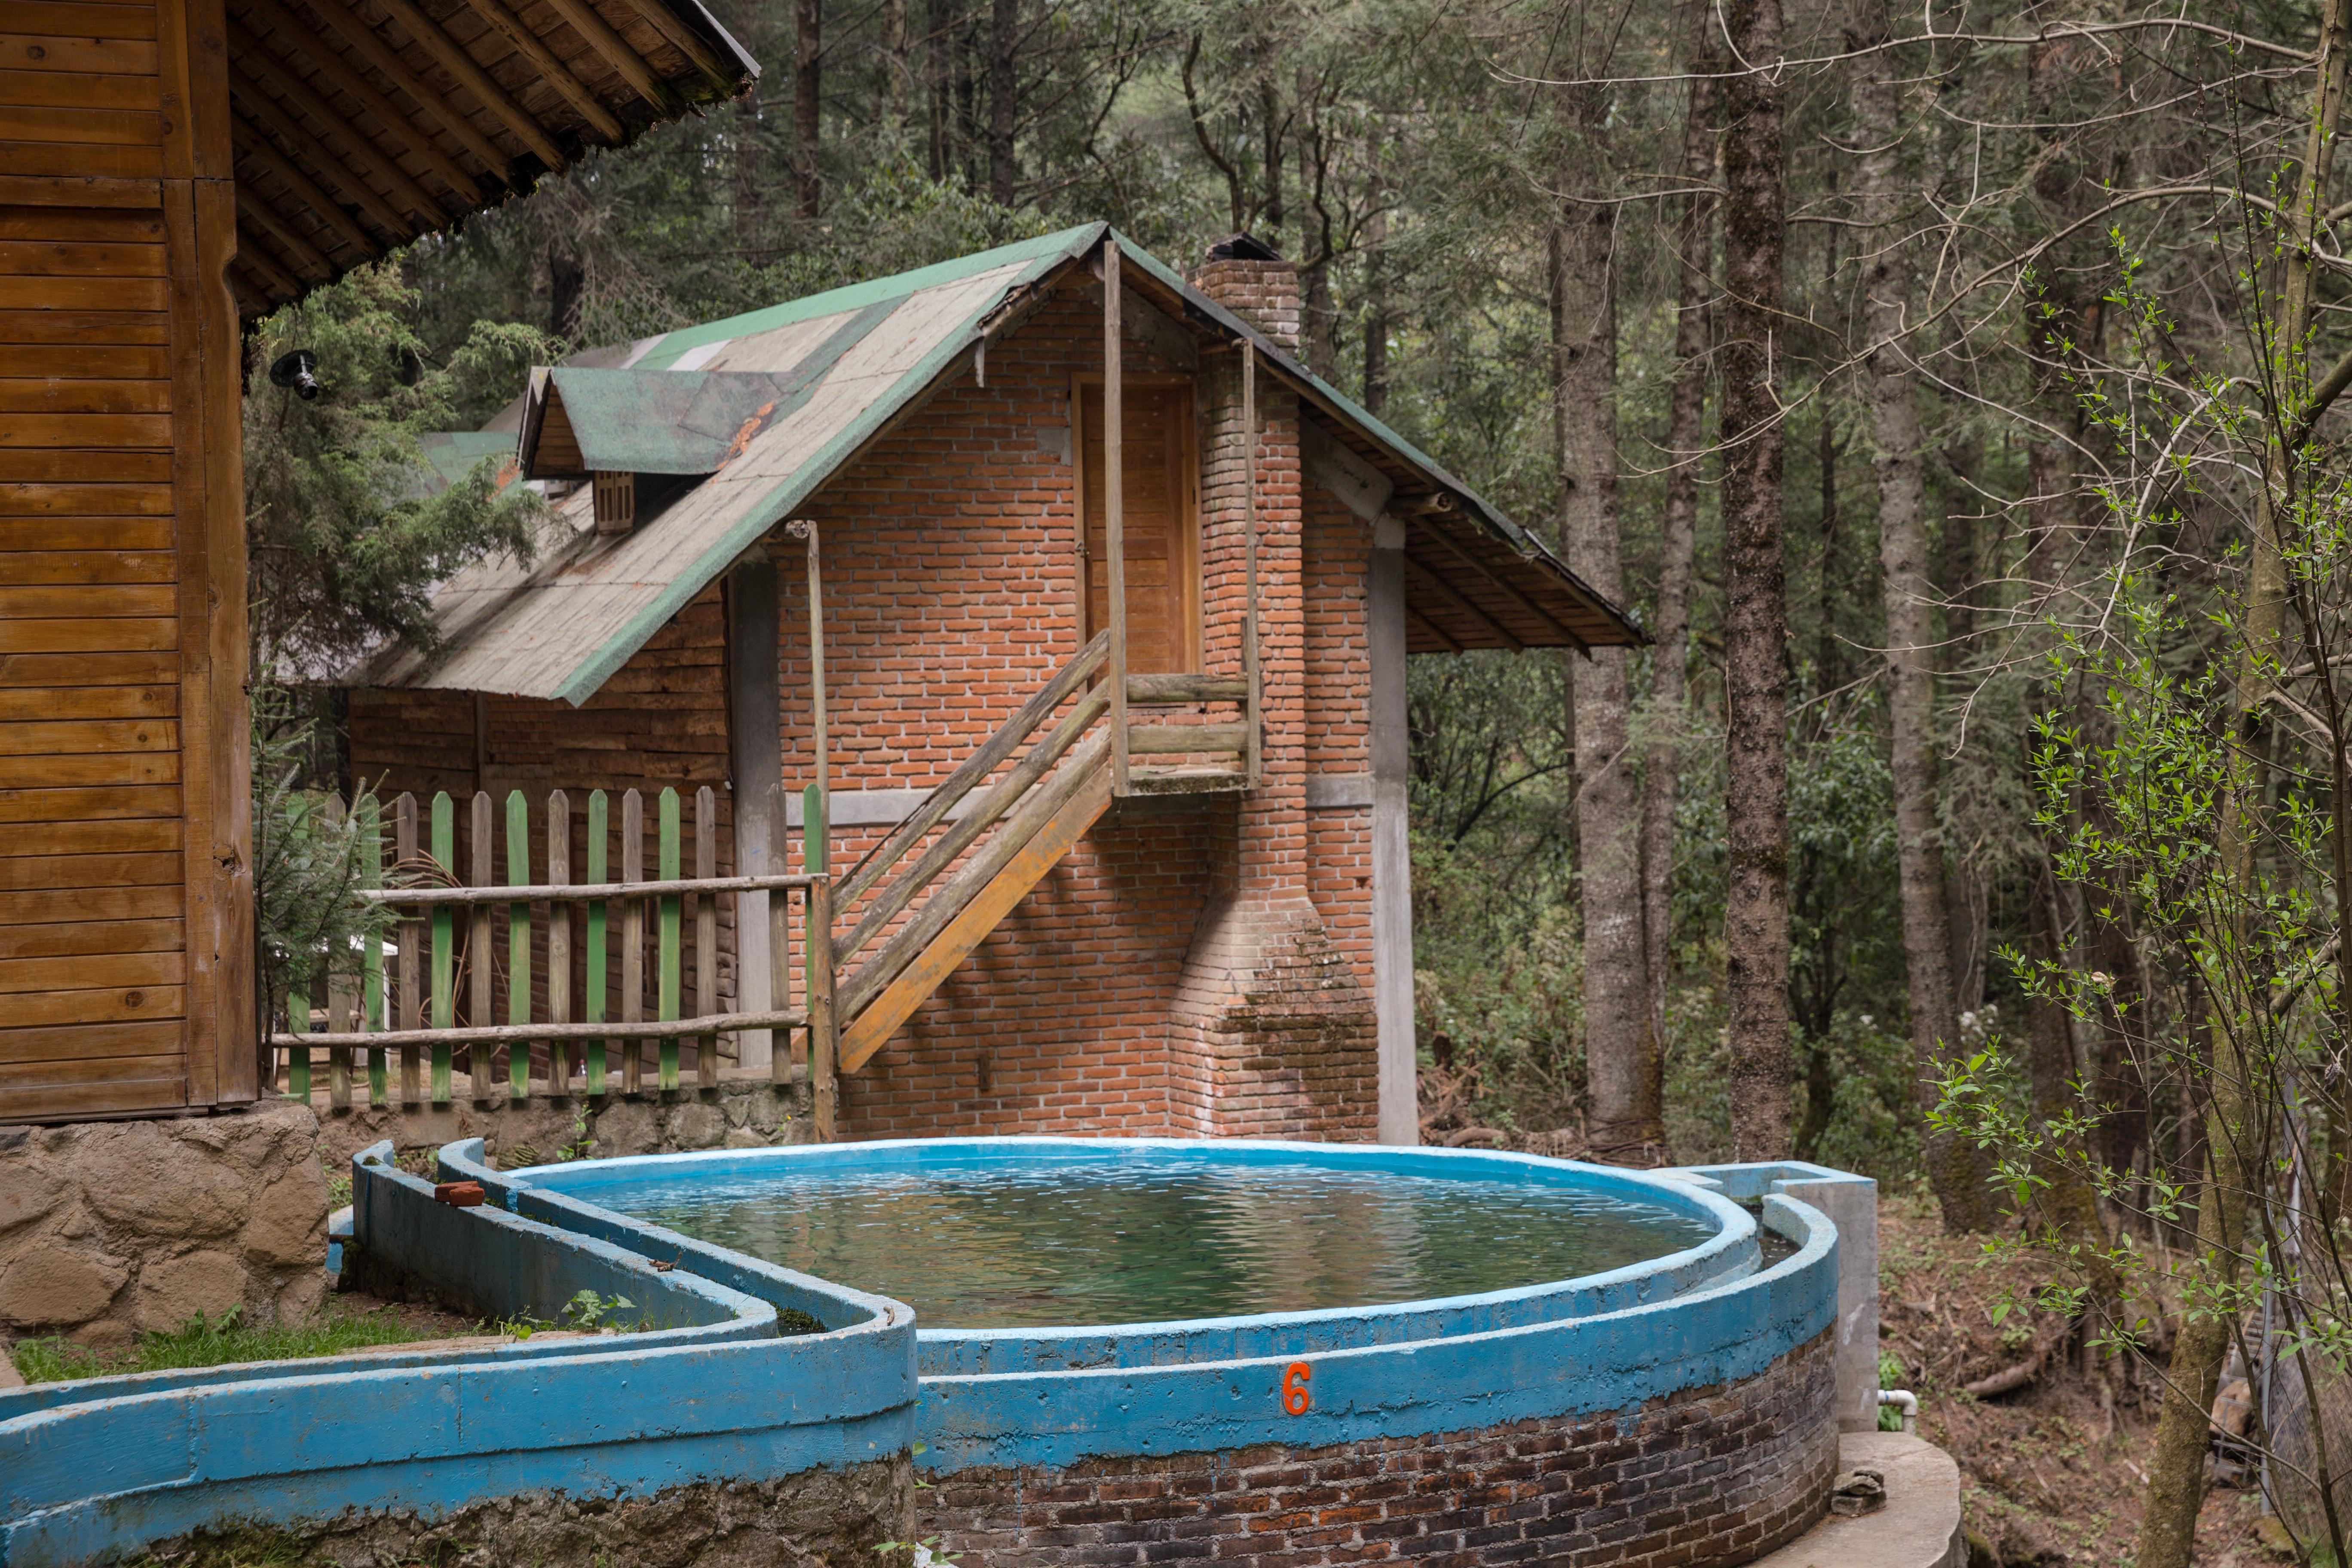 Cabana En El Bosque Cabanas En Renta En Jilotzingo Estado De Mexico Mexico